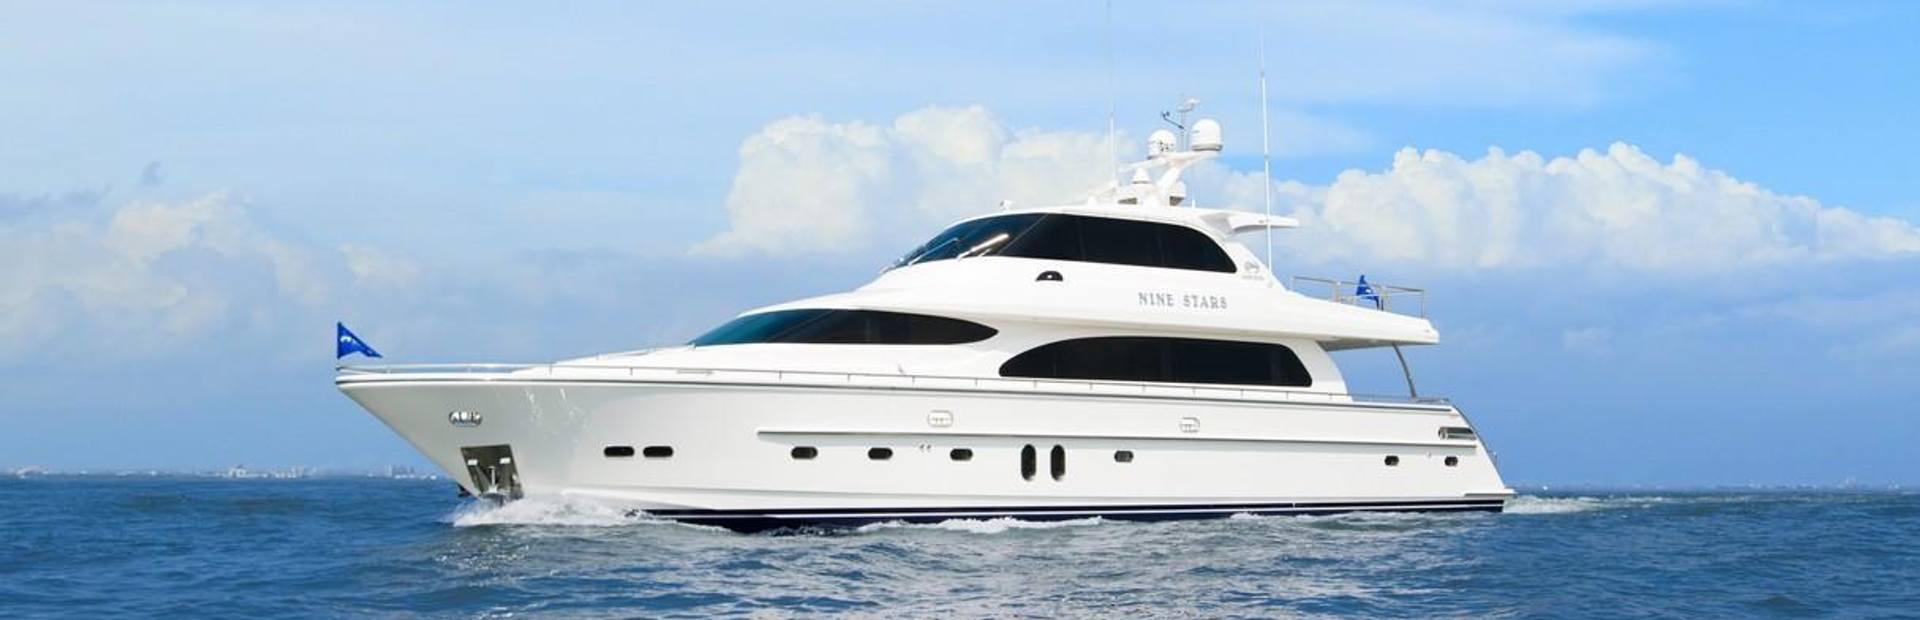 E84 Yacht Charter